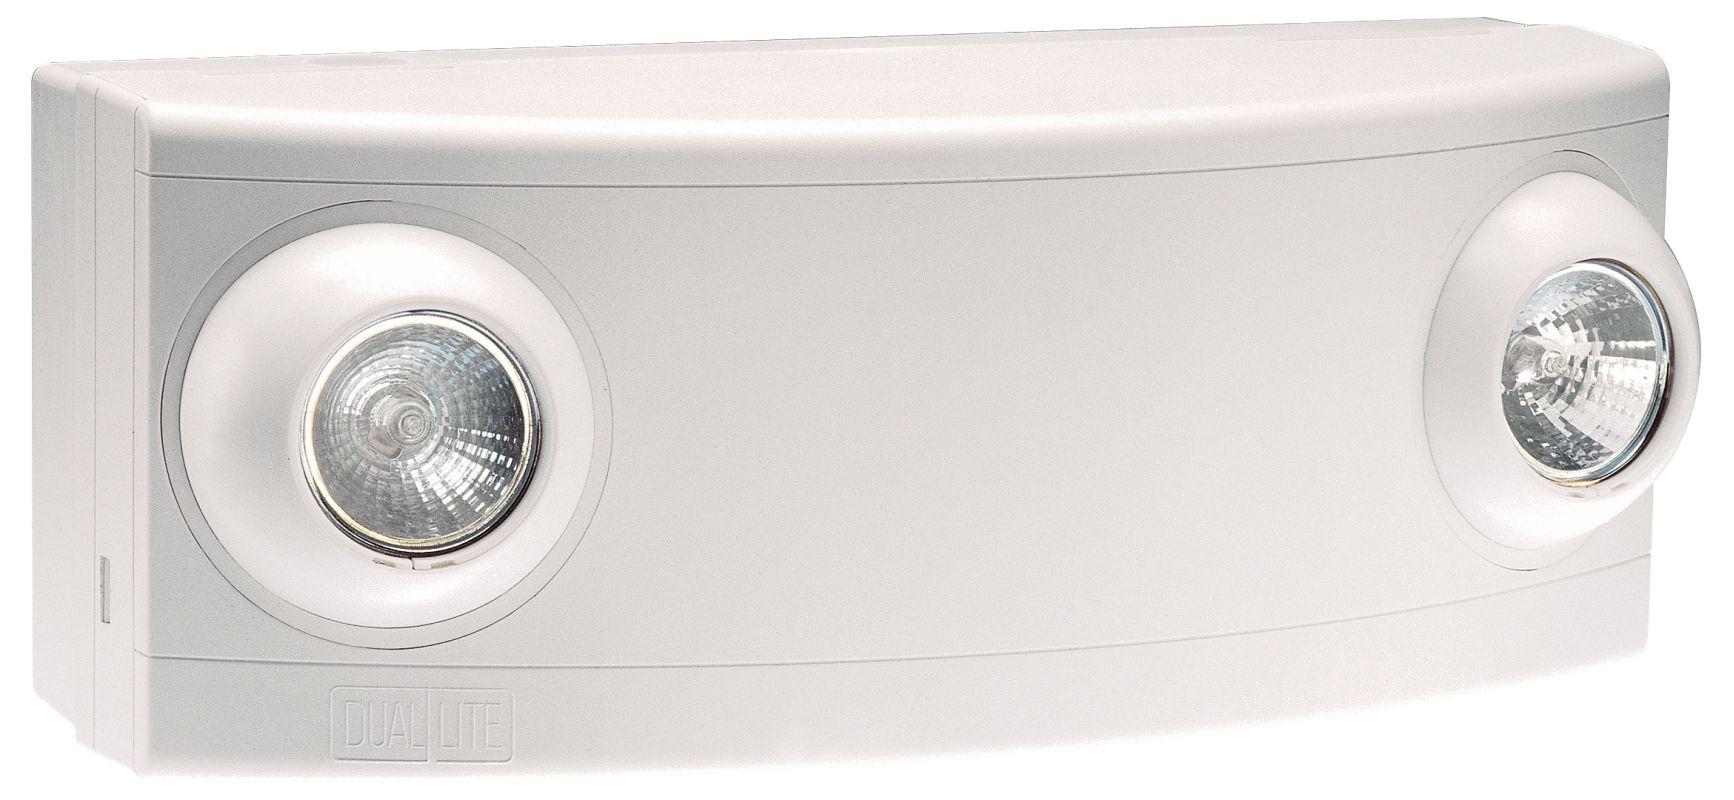 Dual Lite Lz2 White 2 Light 10 Watt Low Profile Halogen